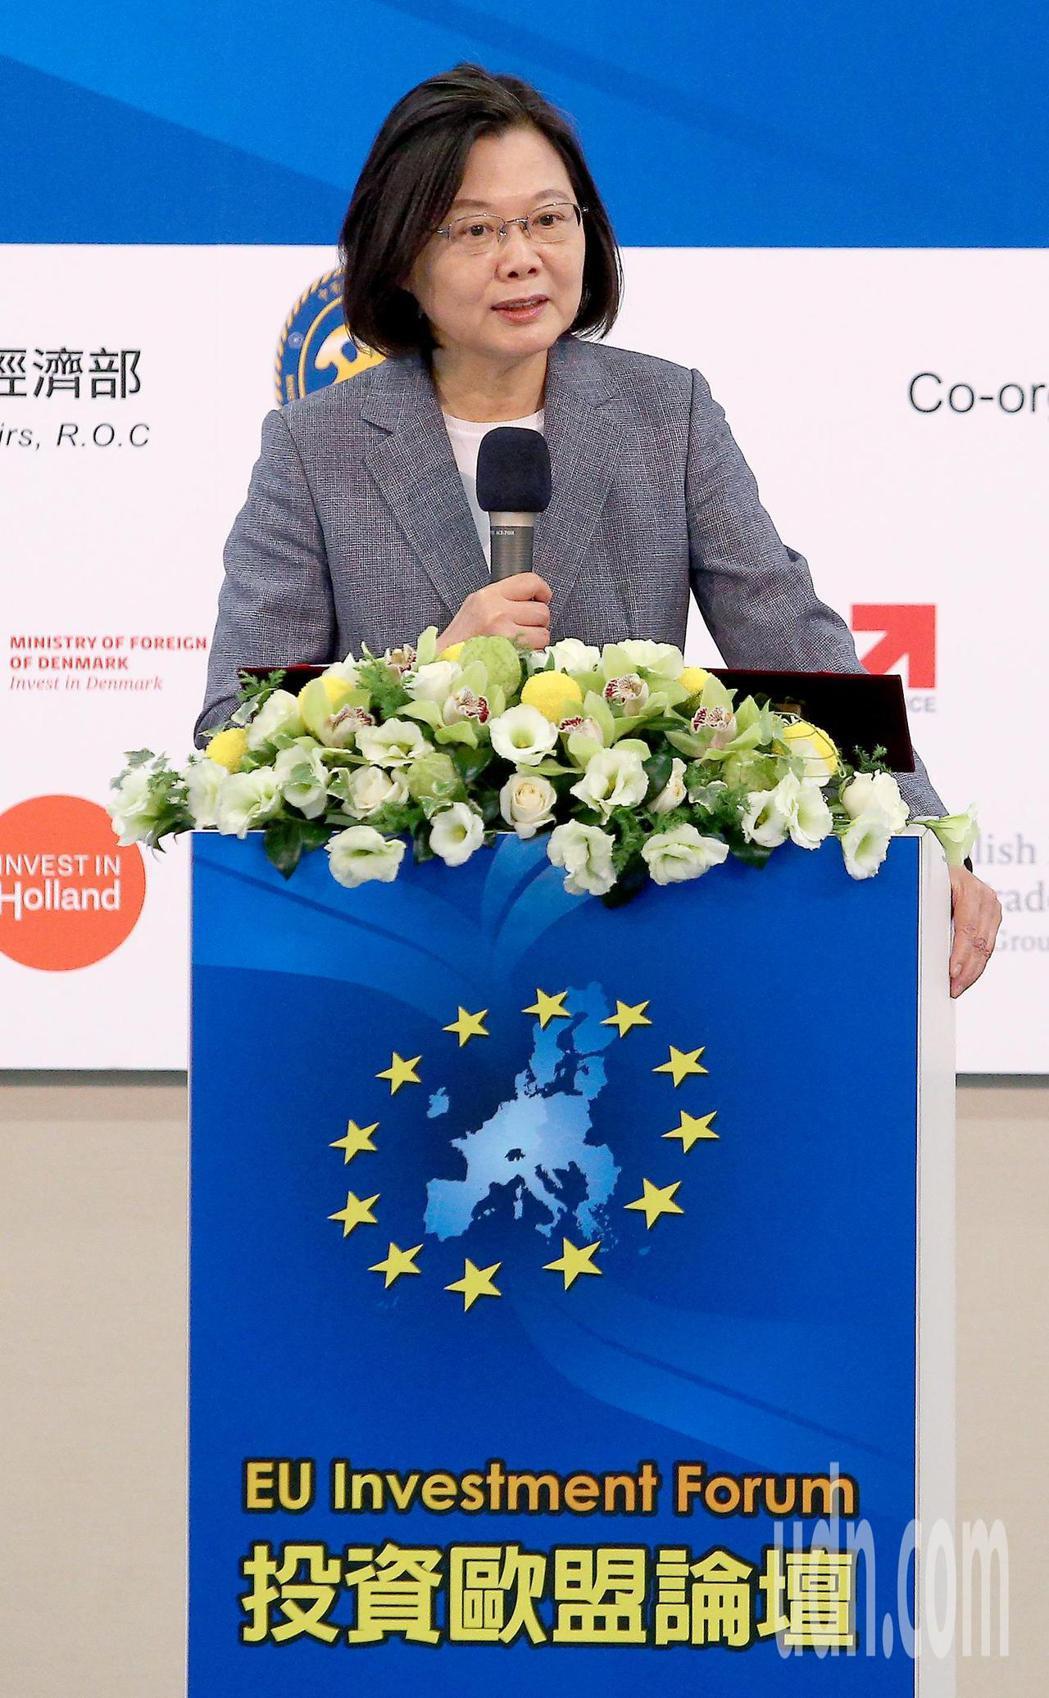 歐洲經貿辦事處上午在台北國際會議中心舉辦「投資歐盟論壇」,蔡英文總統出席致詞。記...